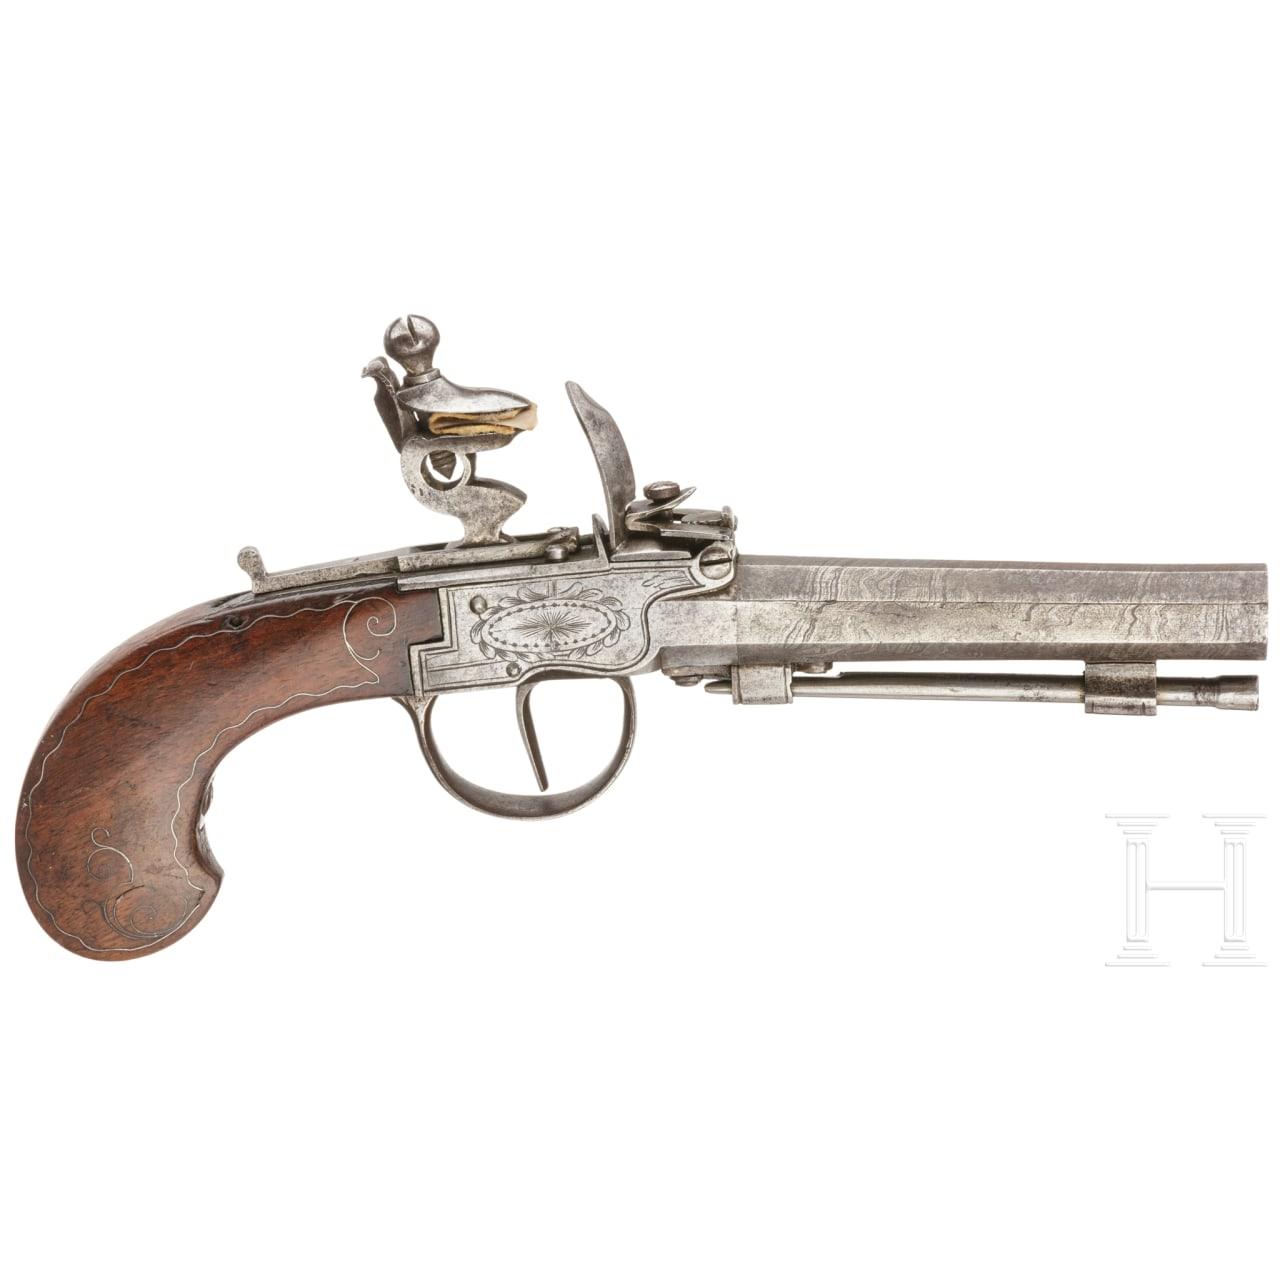 A flintlock pocket pistol, Great Britain, circa 1800